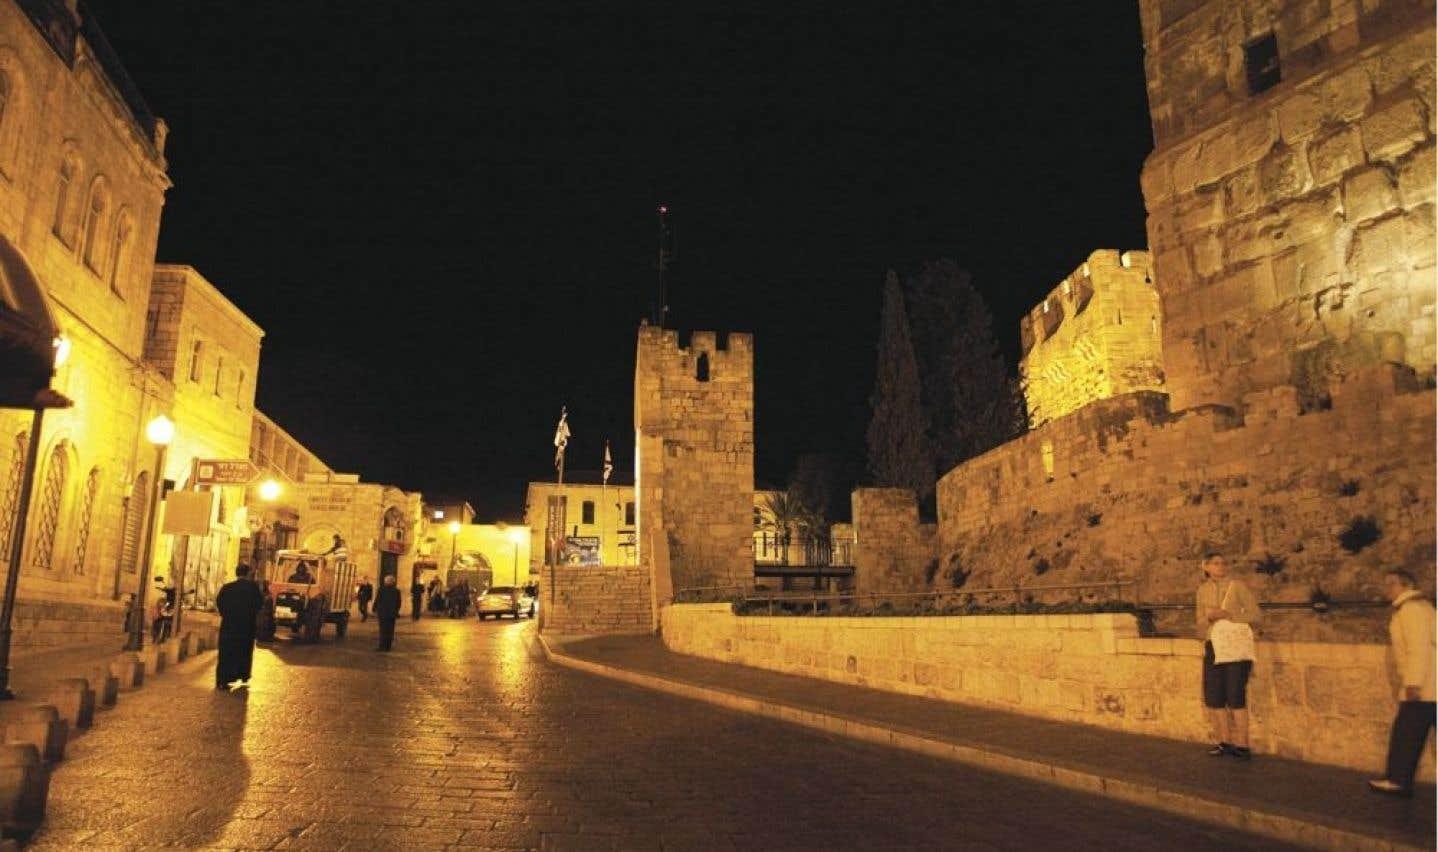 L'entrée de la ville par la porte de Jaffa